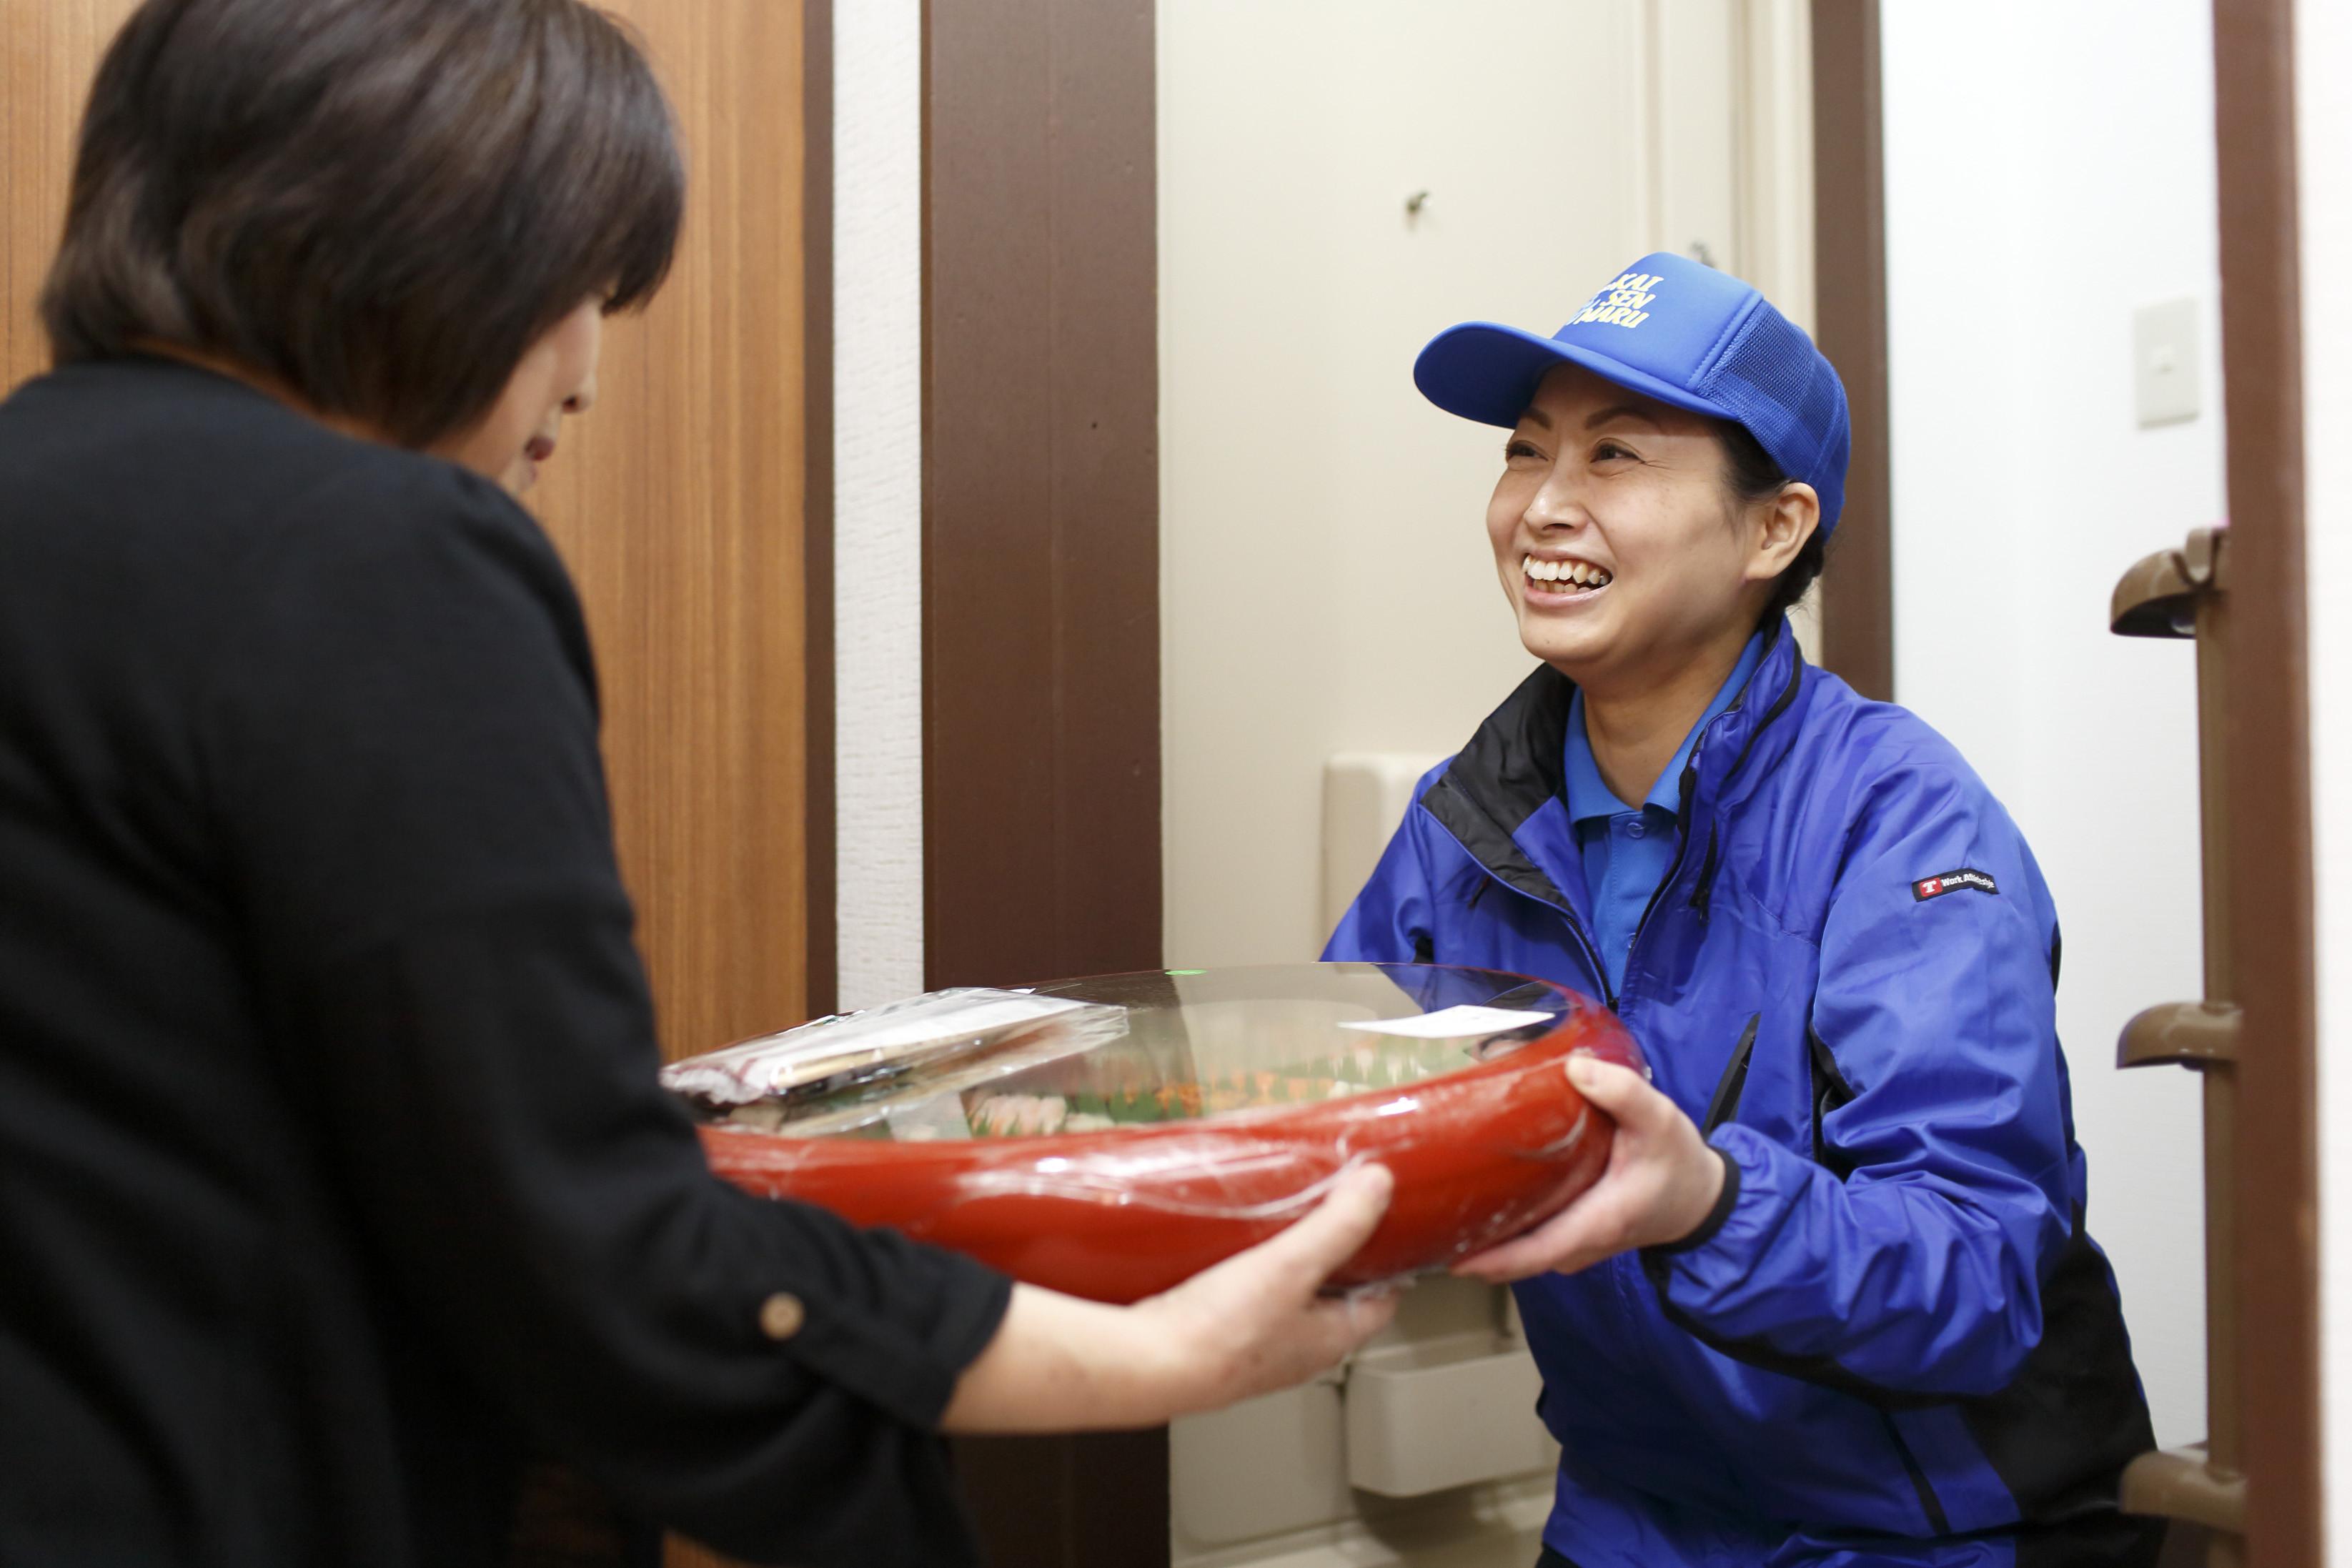 札幌海鮮丸 富良野店 デリバリー(配達)スタッフのアルバイト情報